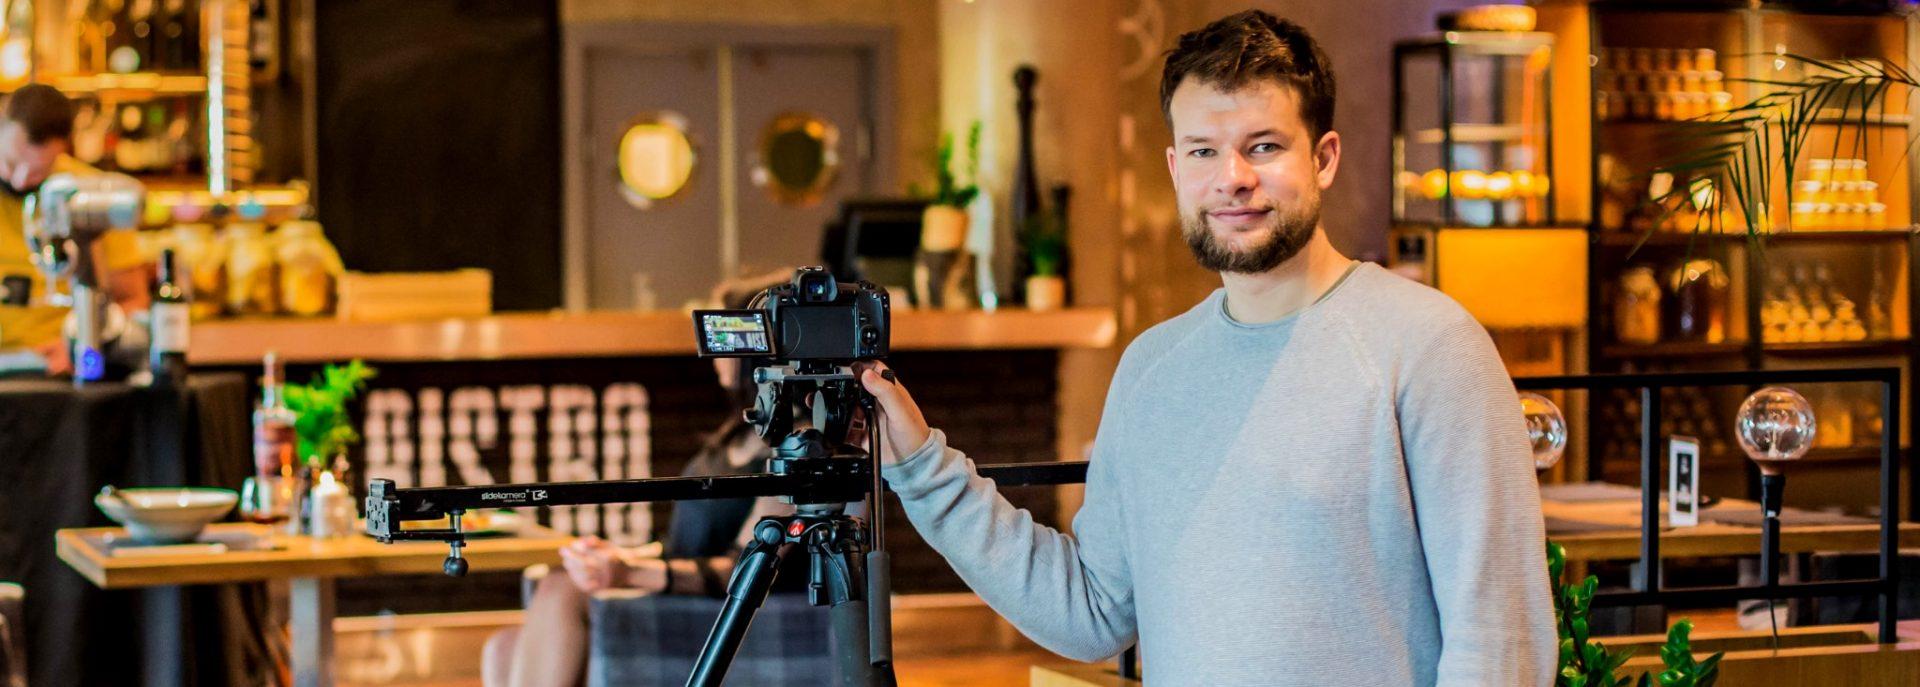 Realizacja teledysków na Śląsku - filmowanie Bielsko-Biała